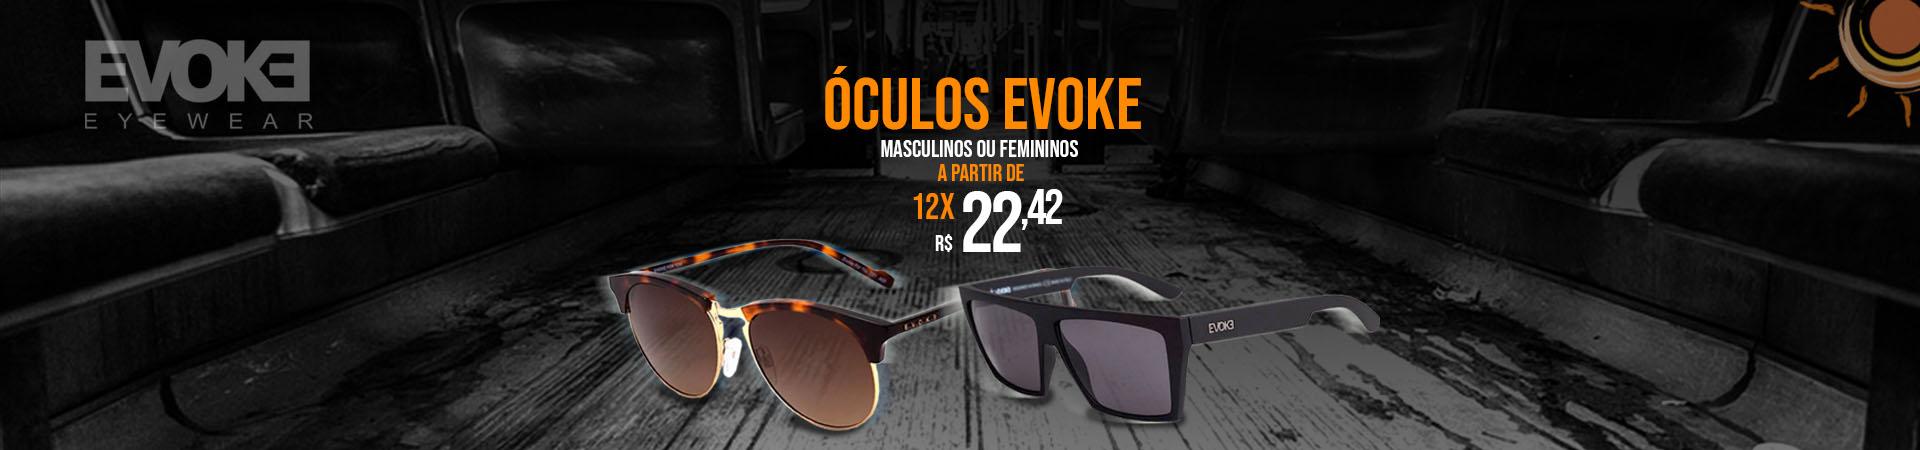 edfef7950 Loja Solare. Óculos Originais com os melhores preços. Mormaii ...